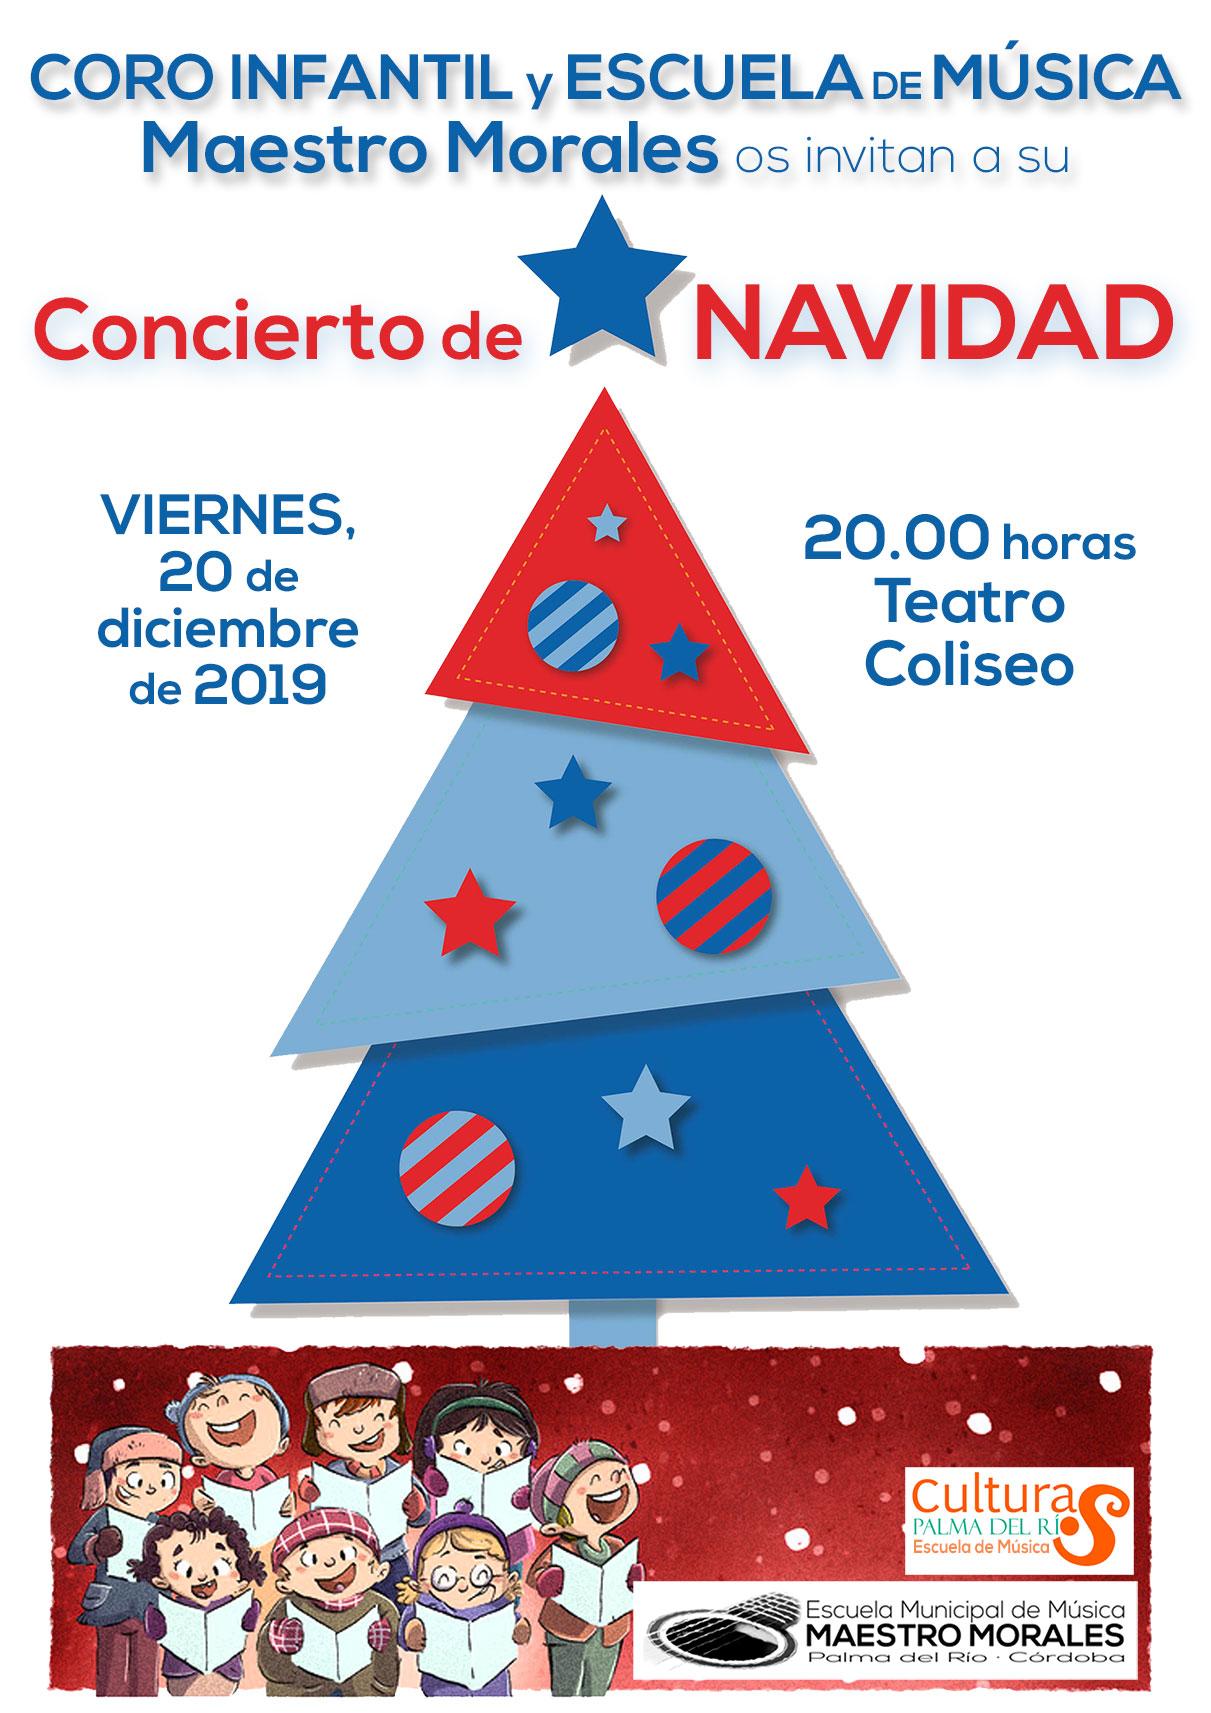 https://www.palmadelrio.es/sites/default/files/webescuela-musica-navidad-2019.jpg